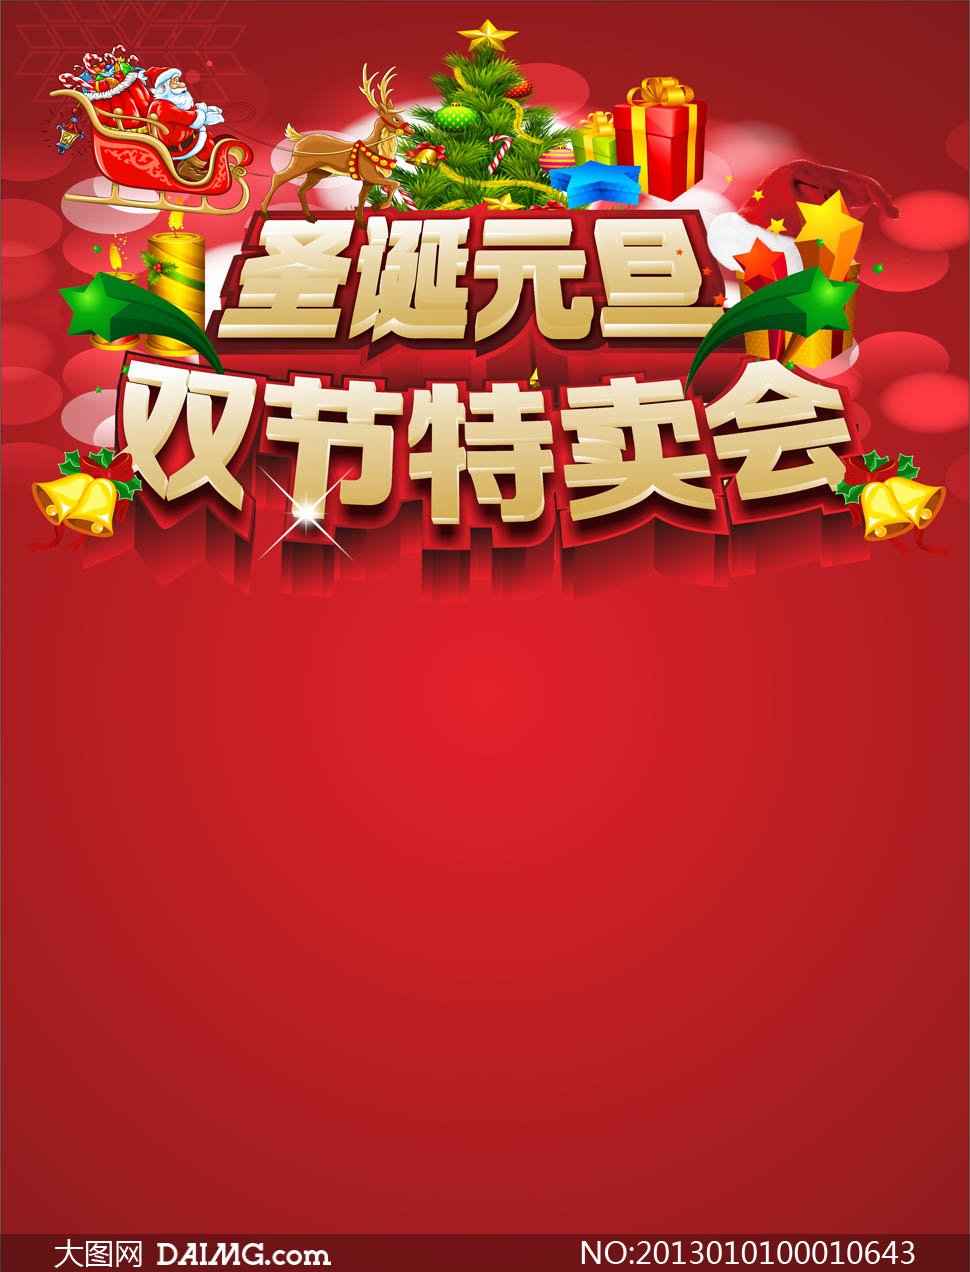 圣诞元旦双节特卖会广告背景矢量素材